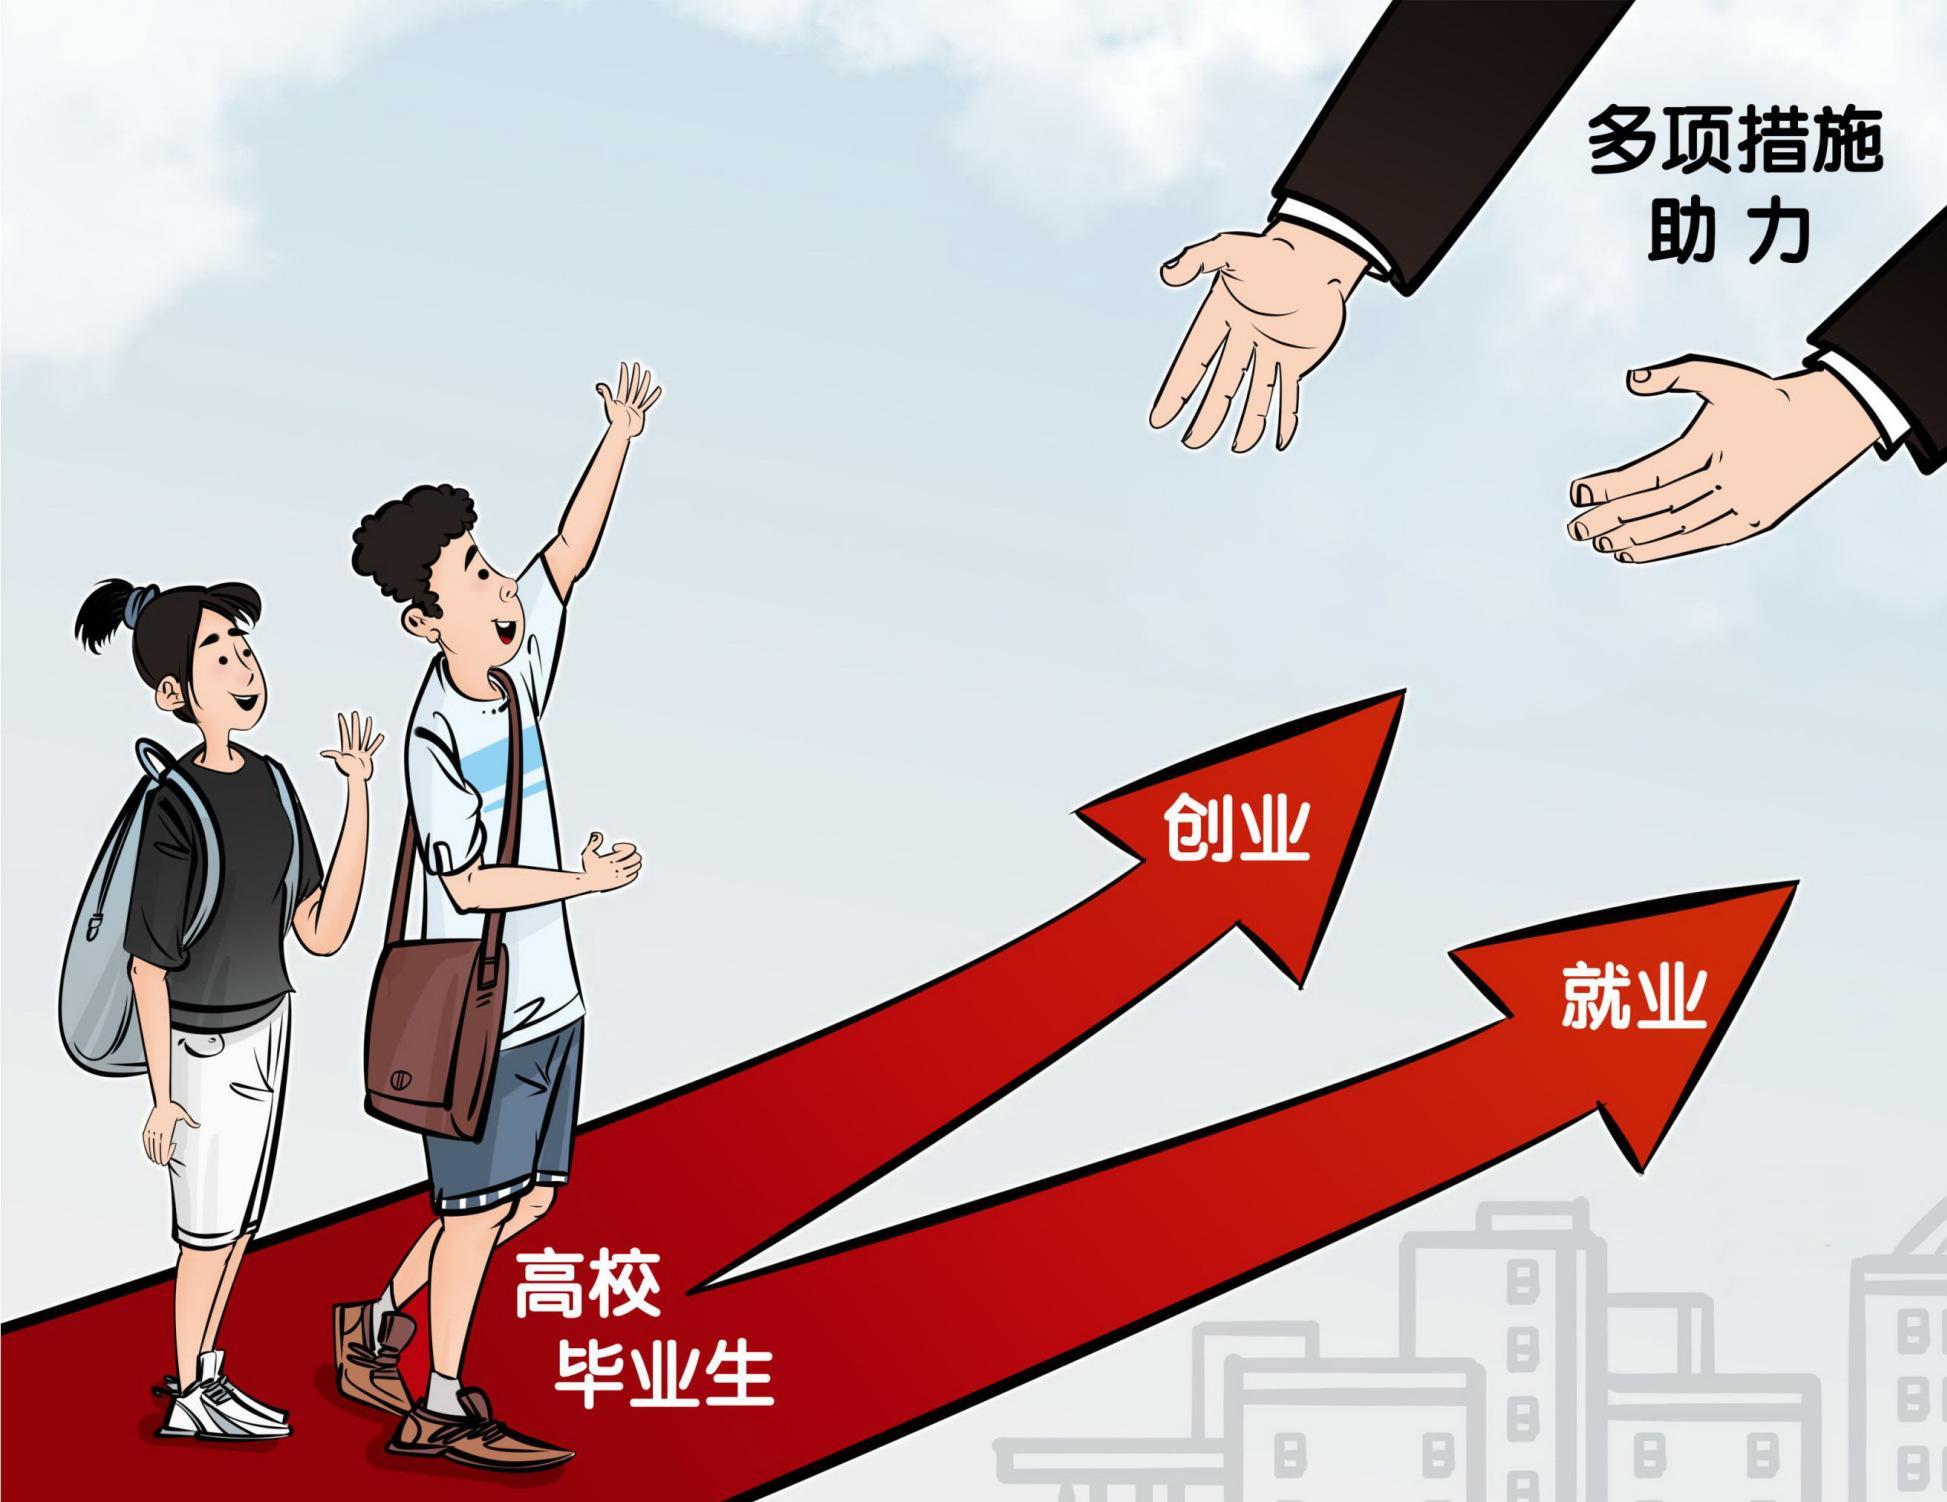 刘尚希:鼓励灵活就业是促进就业转型的重要途径